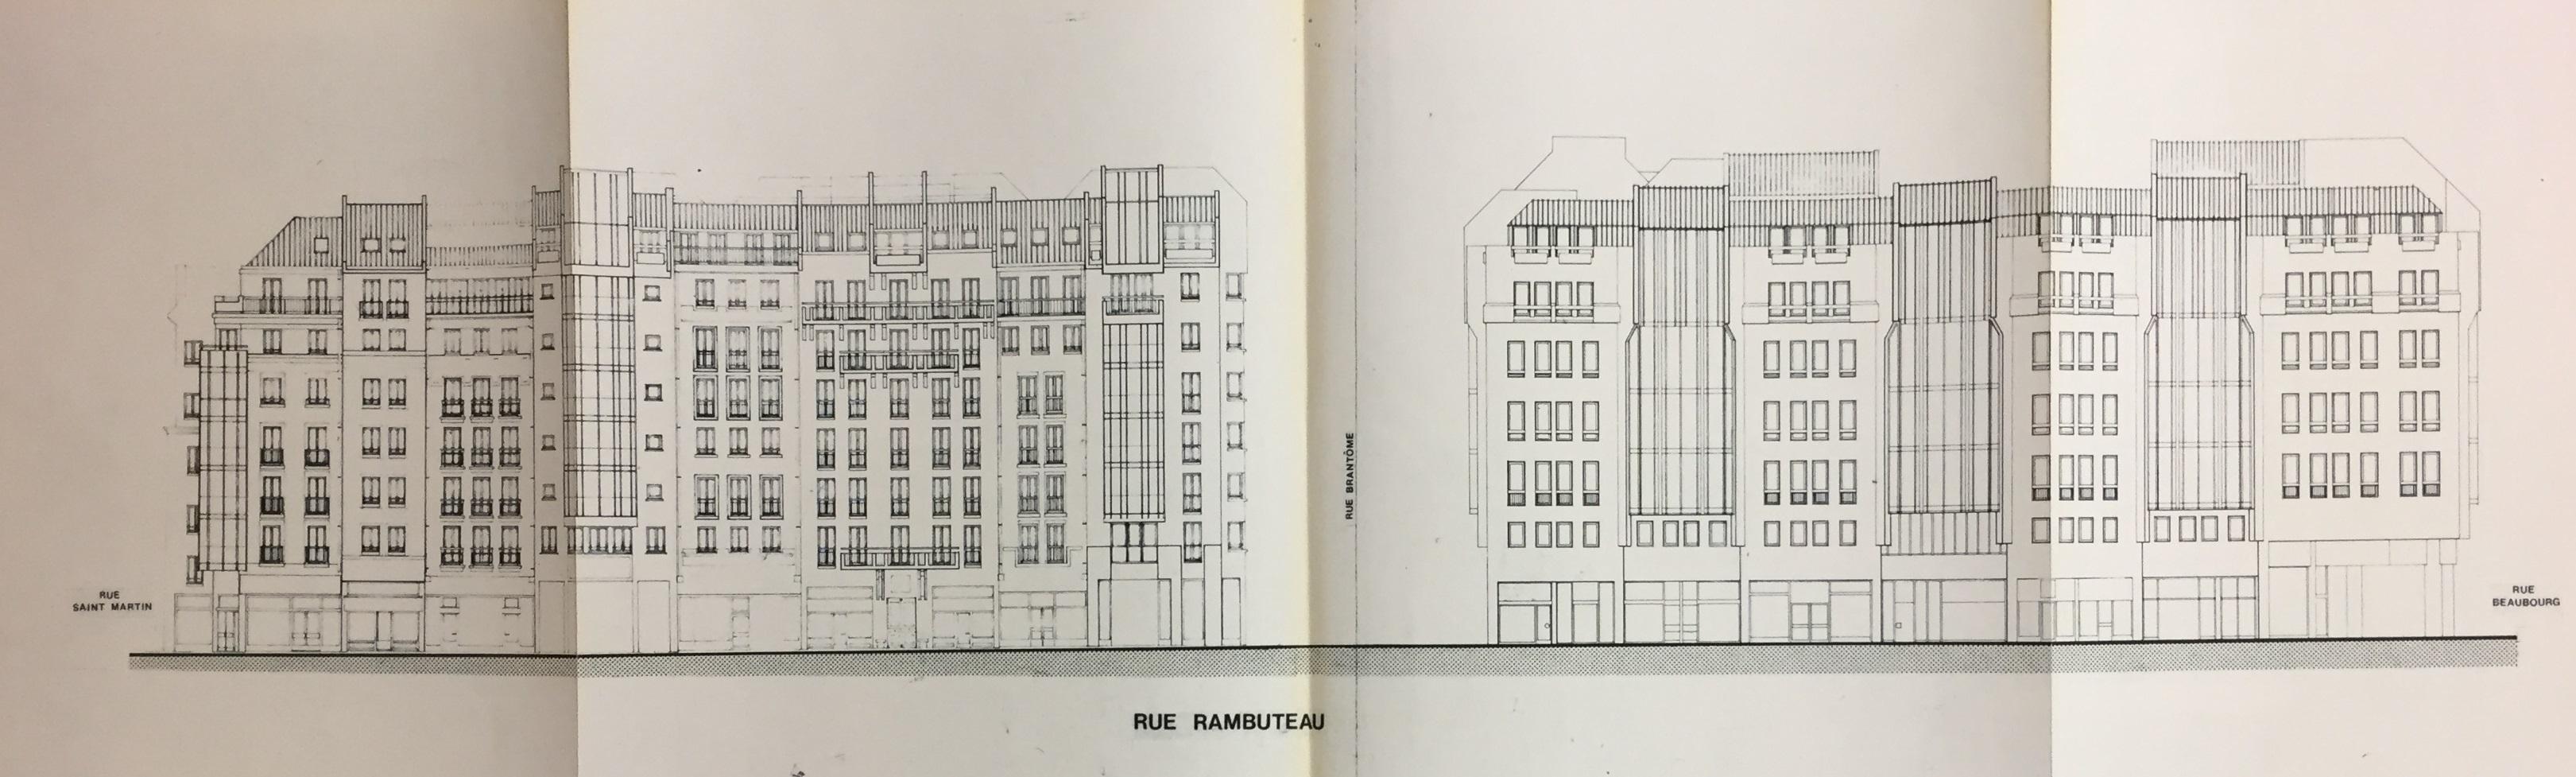 Projet réalisé en 1982. La rue Rambuteau face au Centre Pompidou.